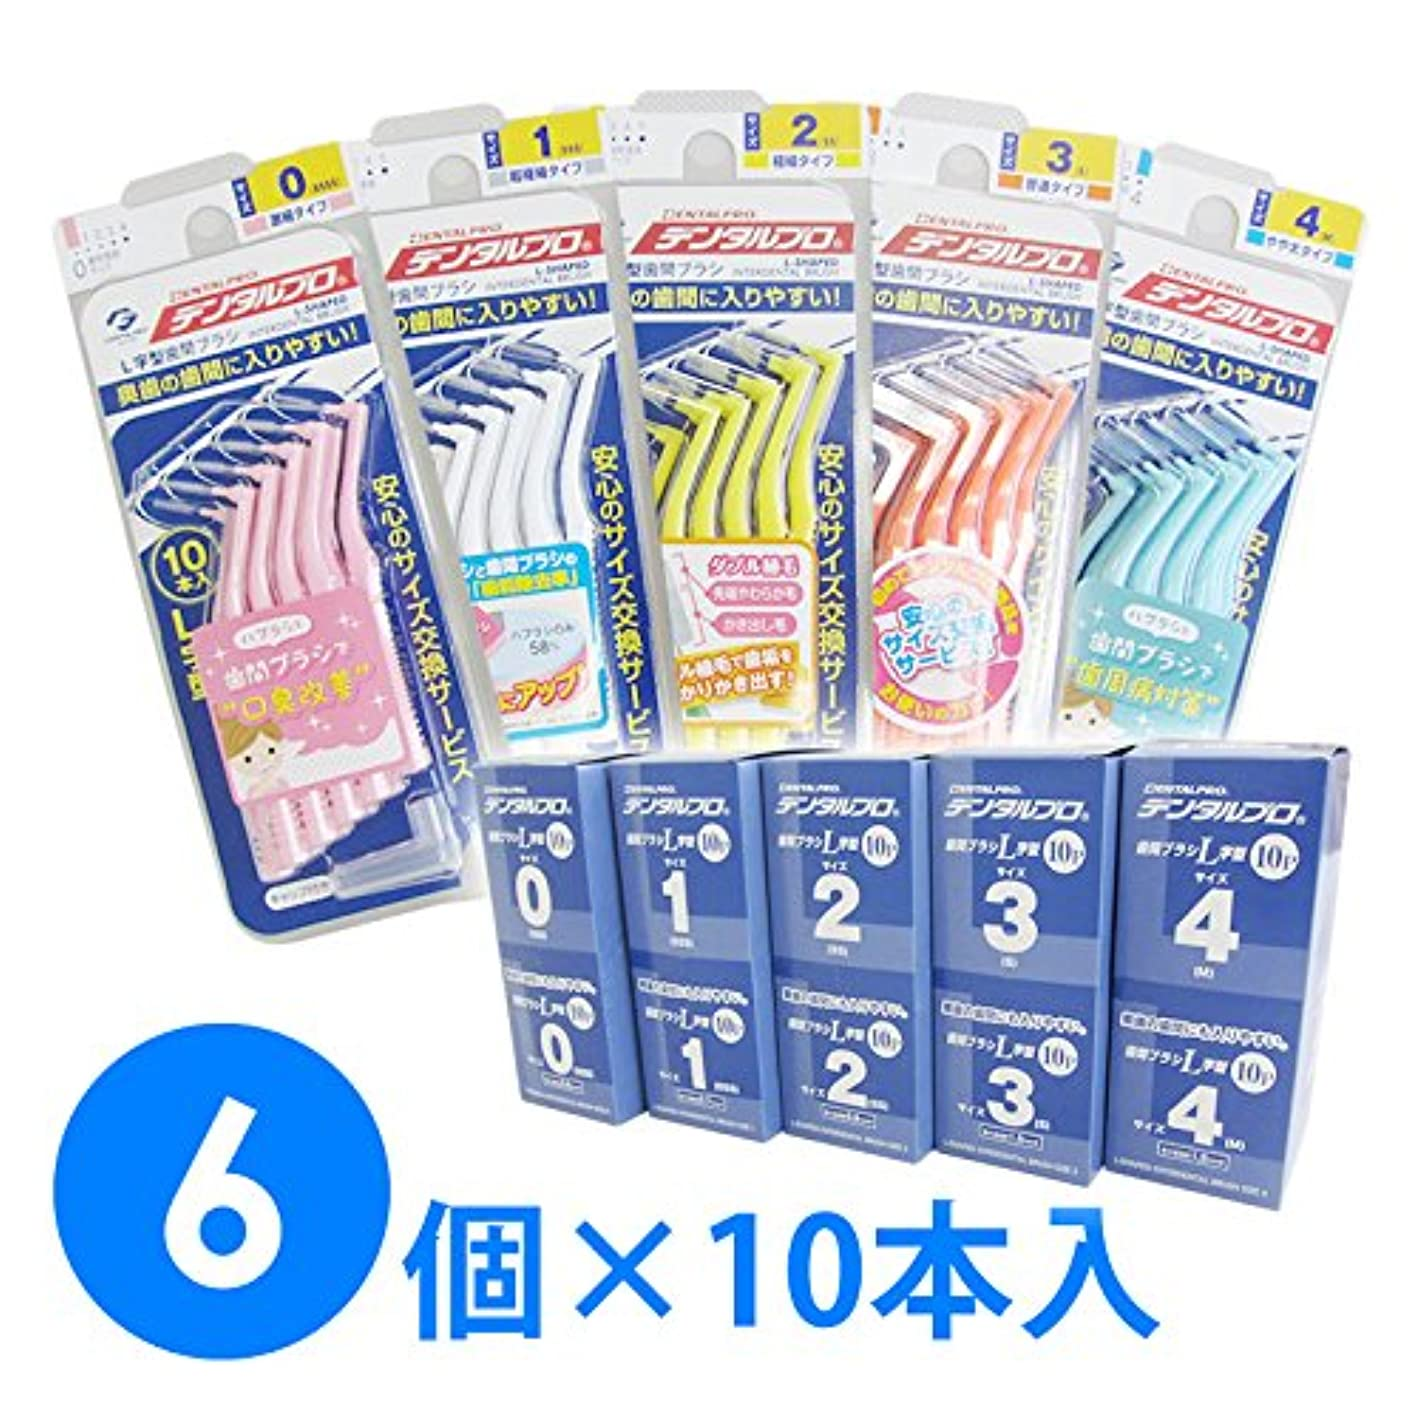 怒ってがんばり続ける数学者【6個1箱】デンタルプロ 歯間ブラシL字型 10本入り×6個 (SSS(1)ホワイト)